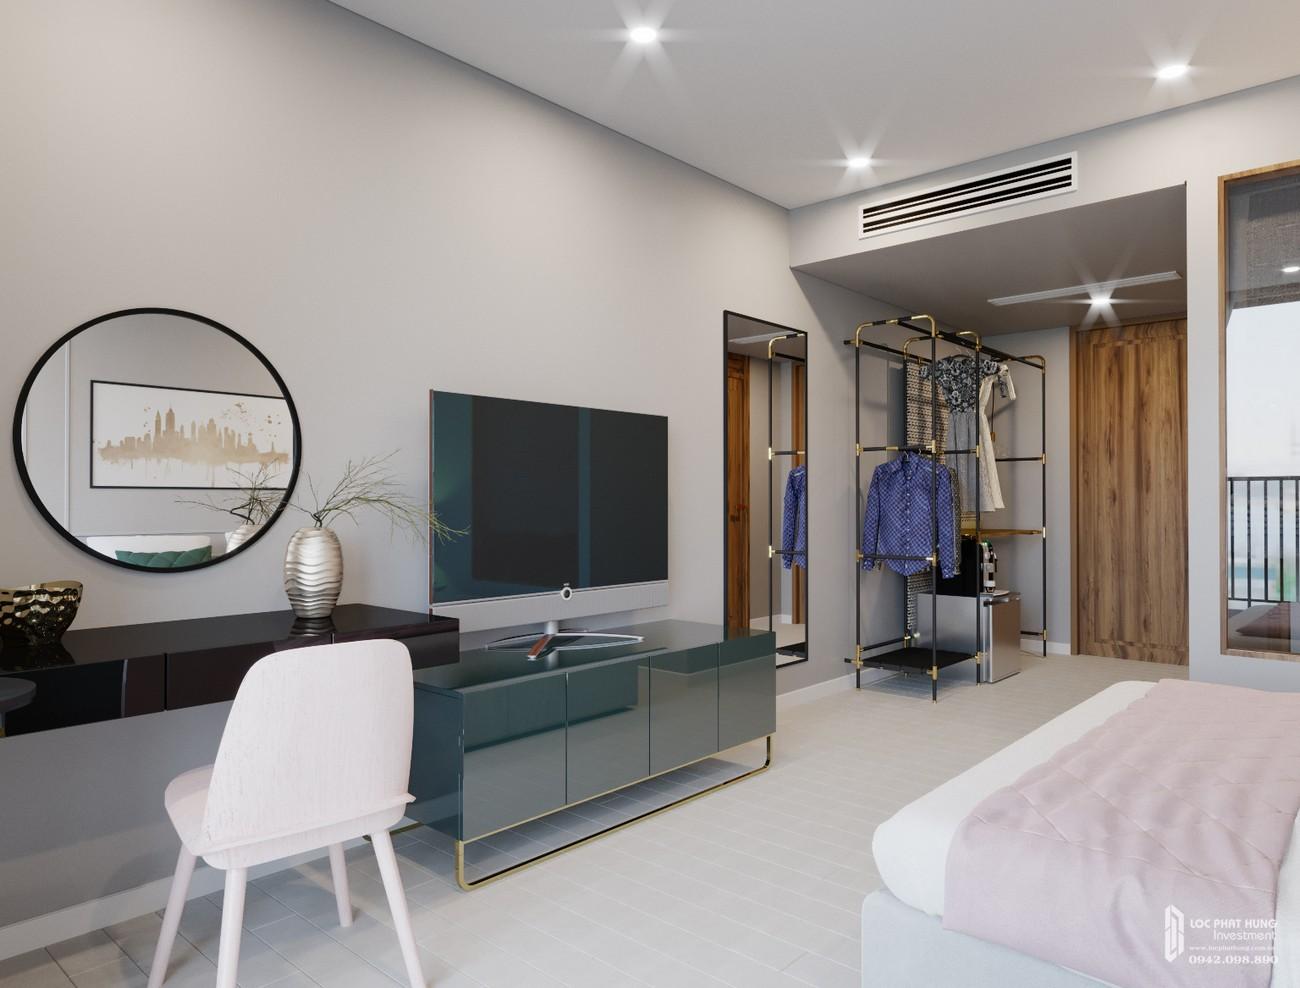 Nhà mẫu căn hộ condotel sự án Arena Cam Ranh Block Light